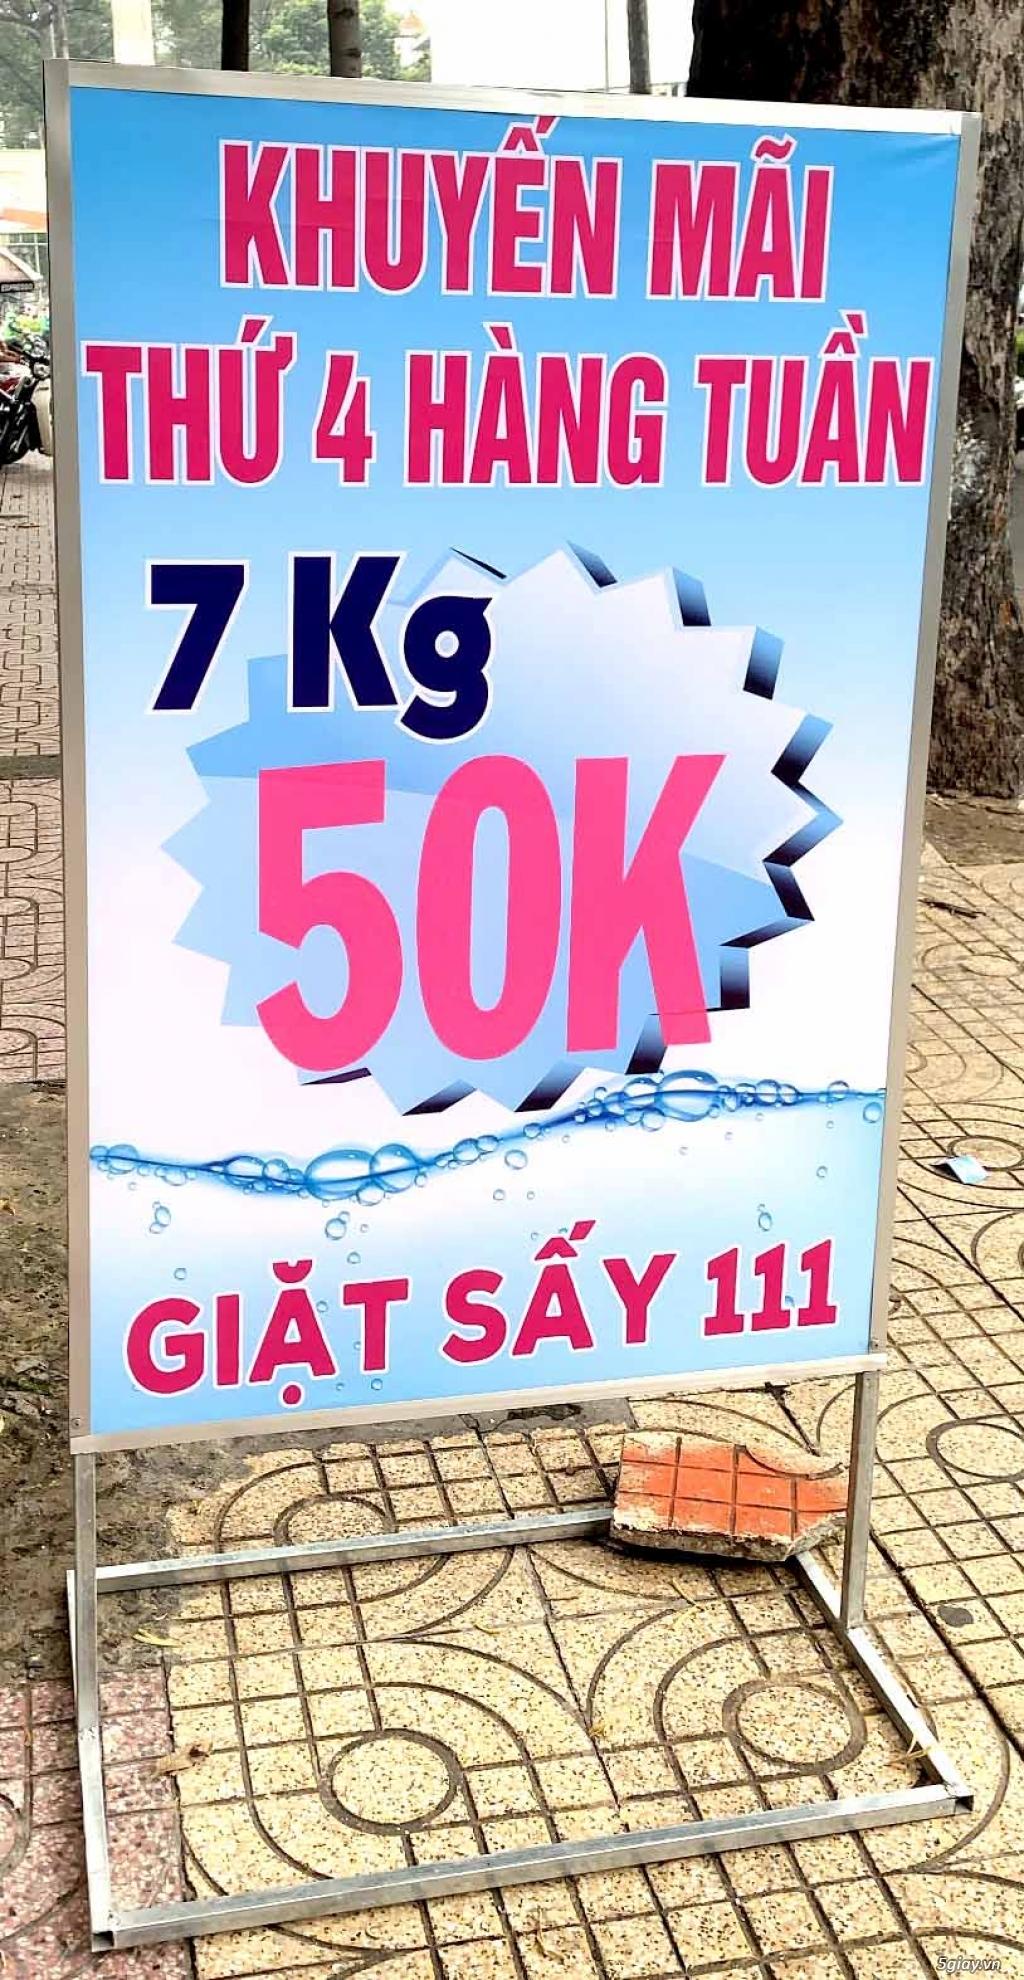 Giặt Sấy 111 - tuần lễ khai trương đến 9/9 - giá siêu hot chỉ 45k/ 7kg